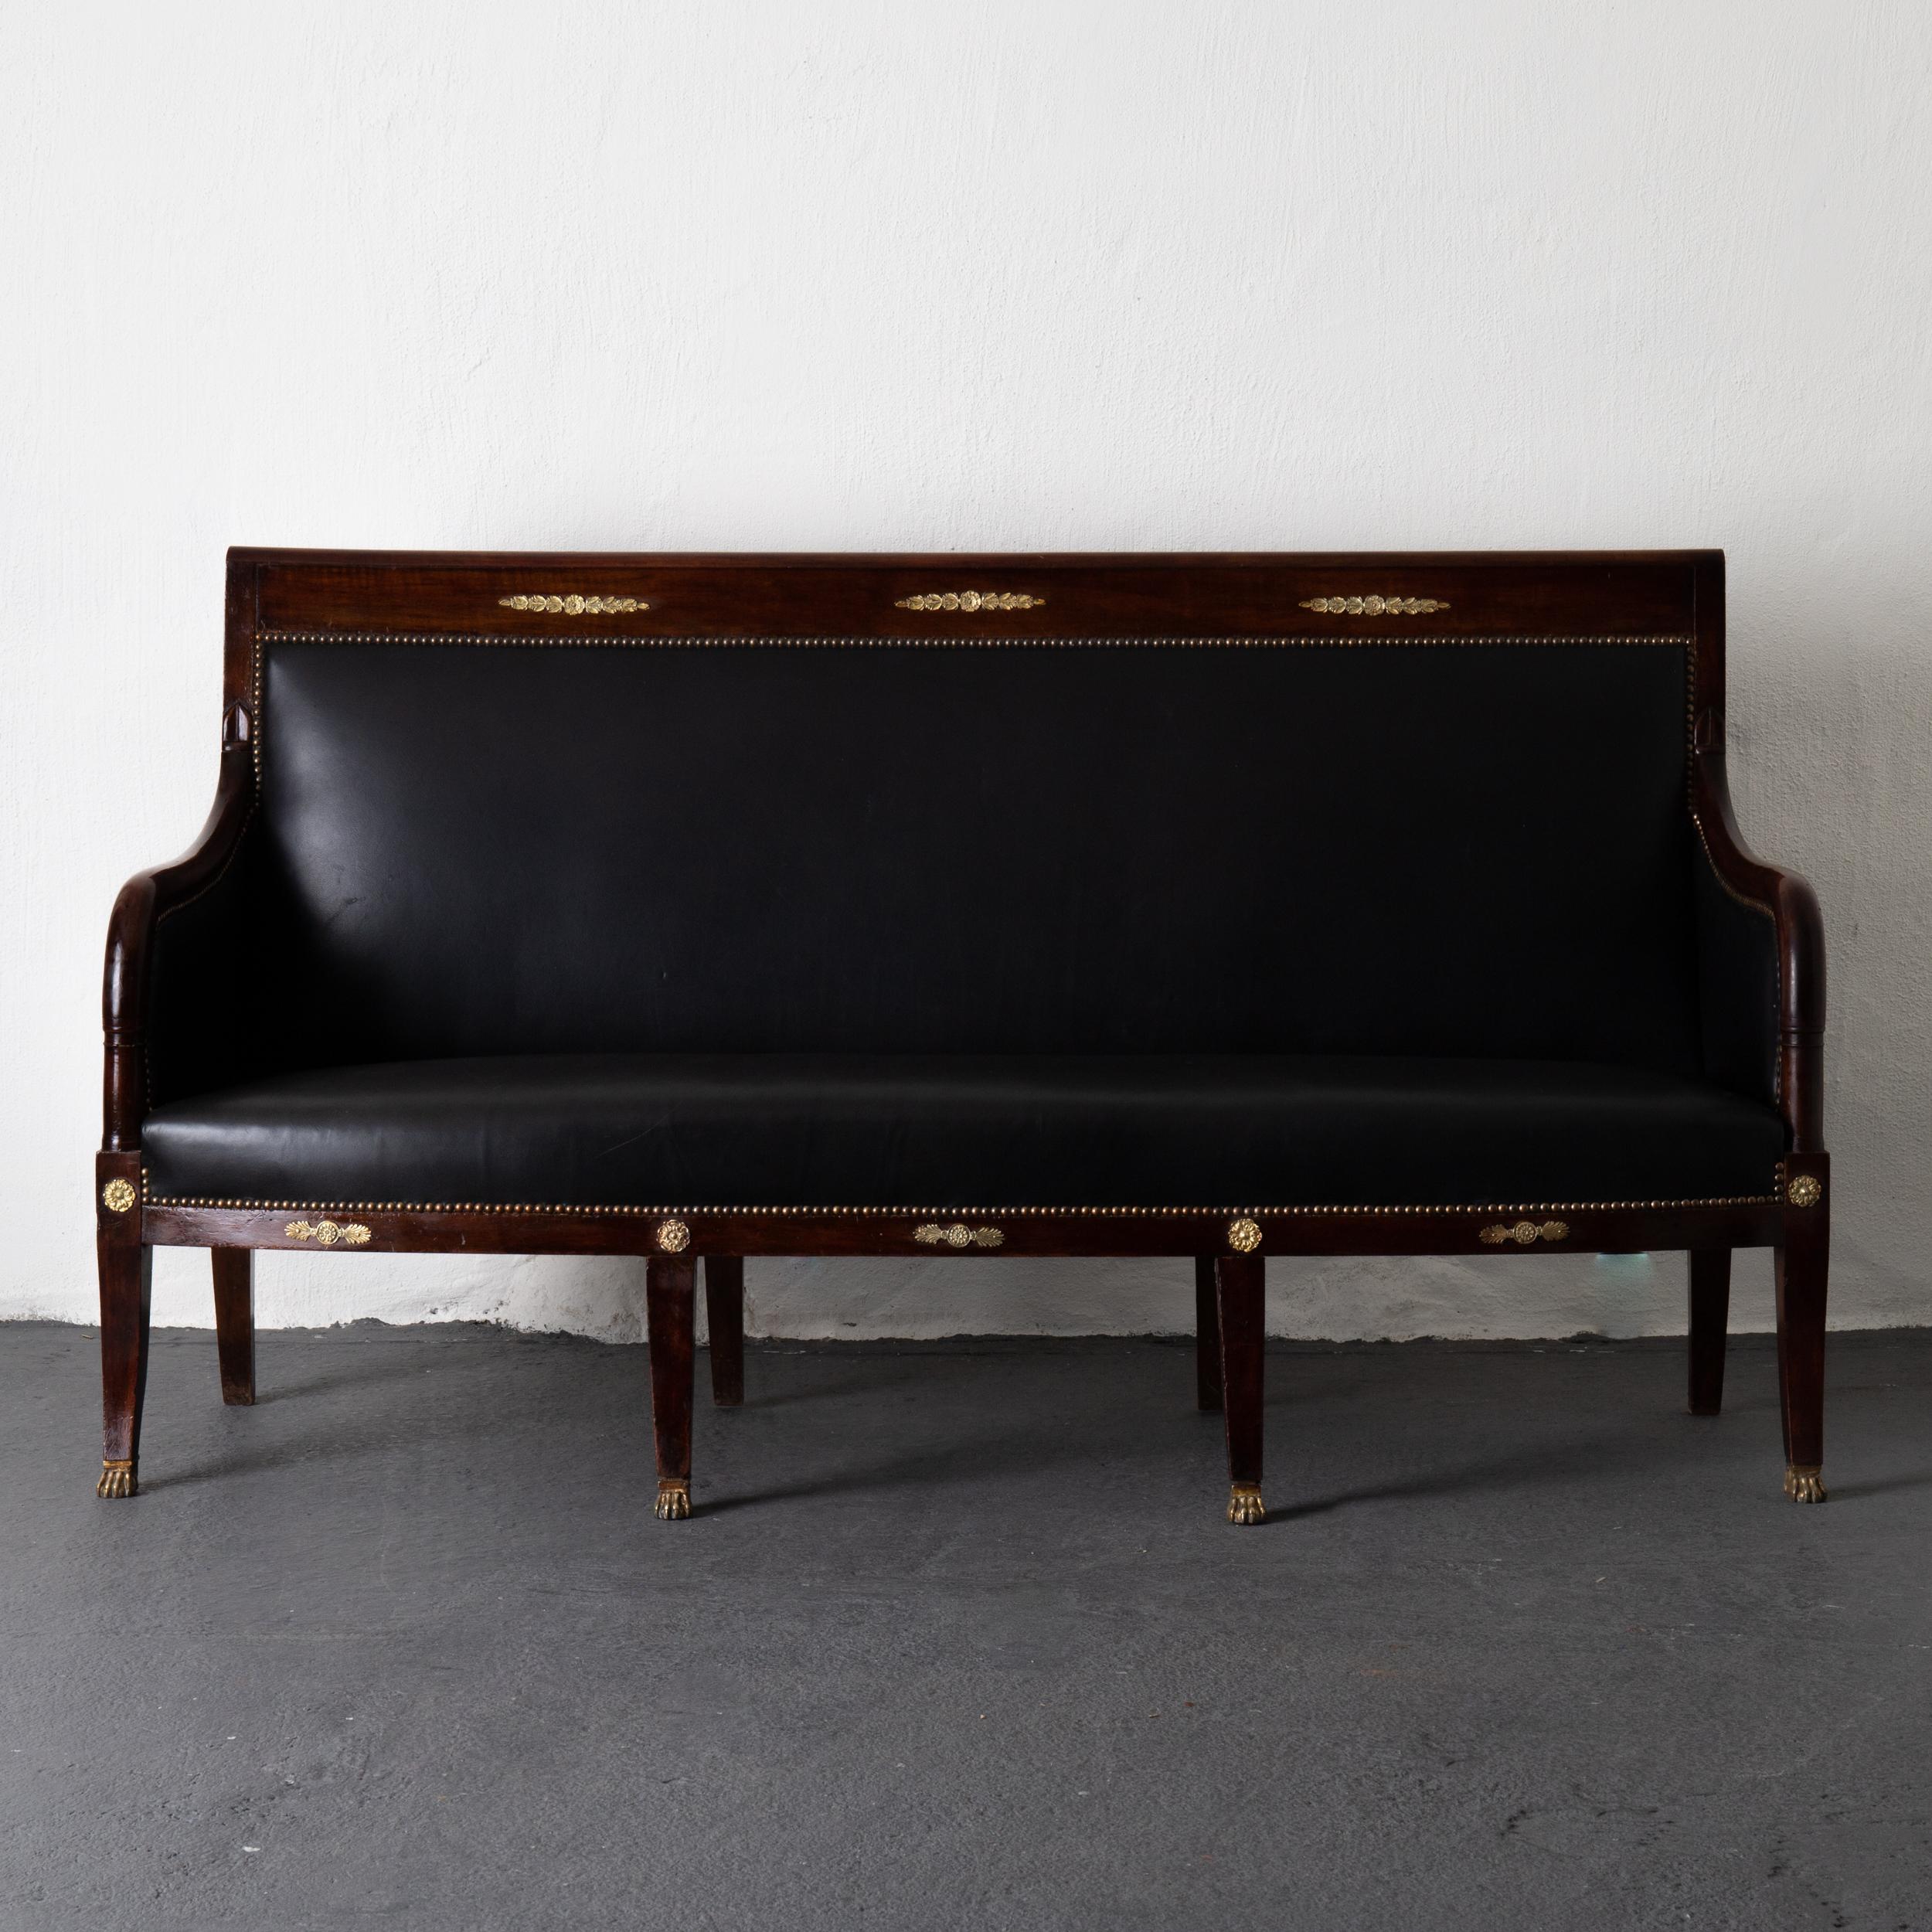 Sofa Empire 1790 1810 France L A S E